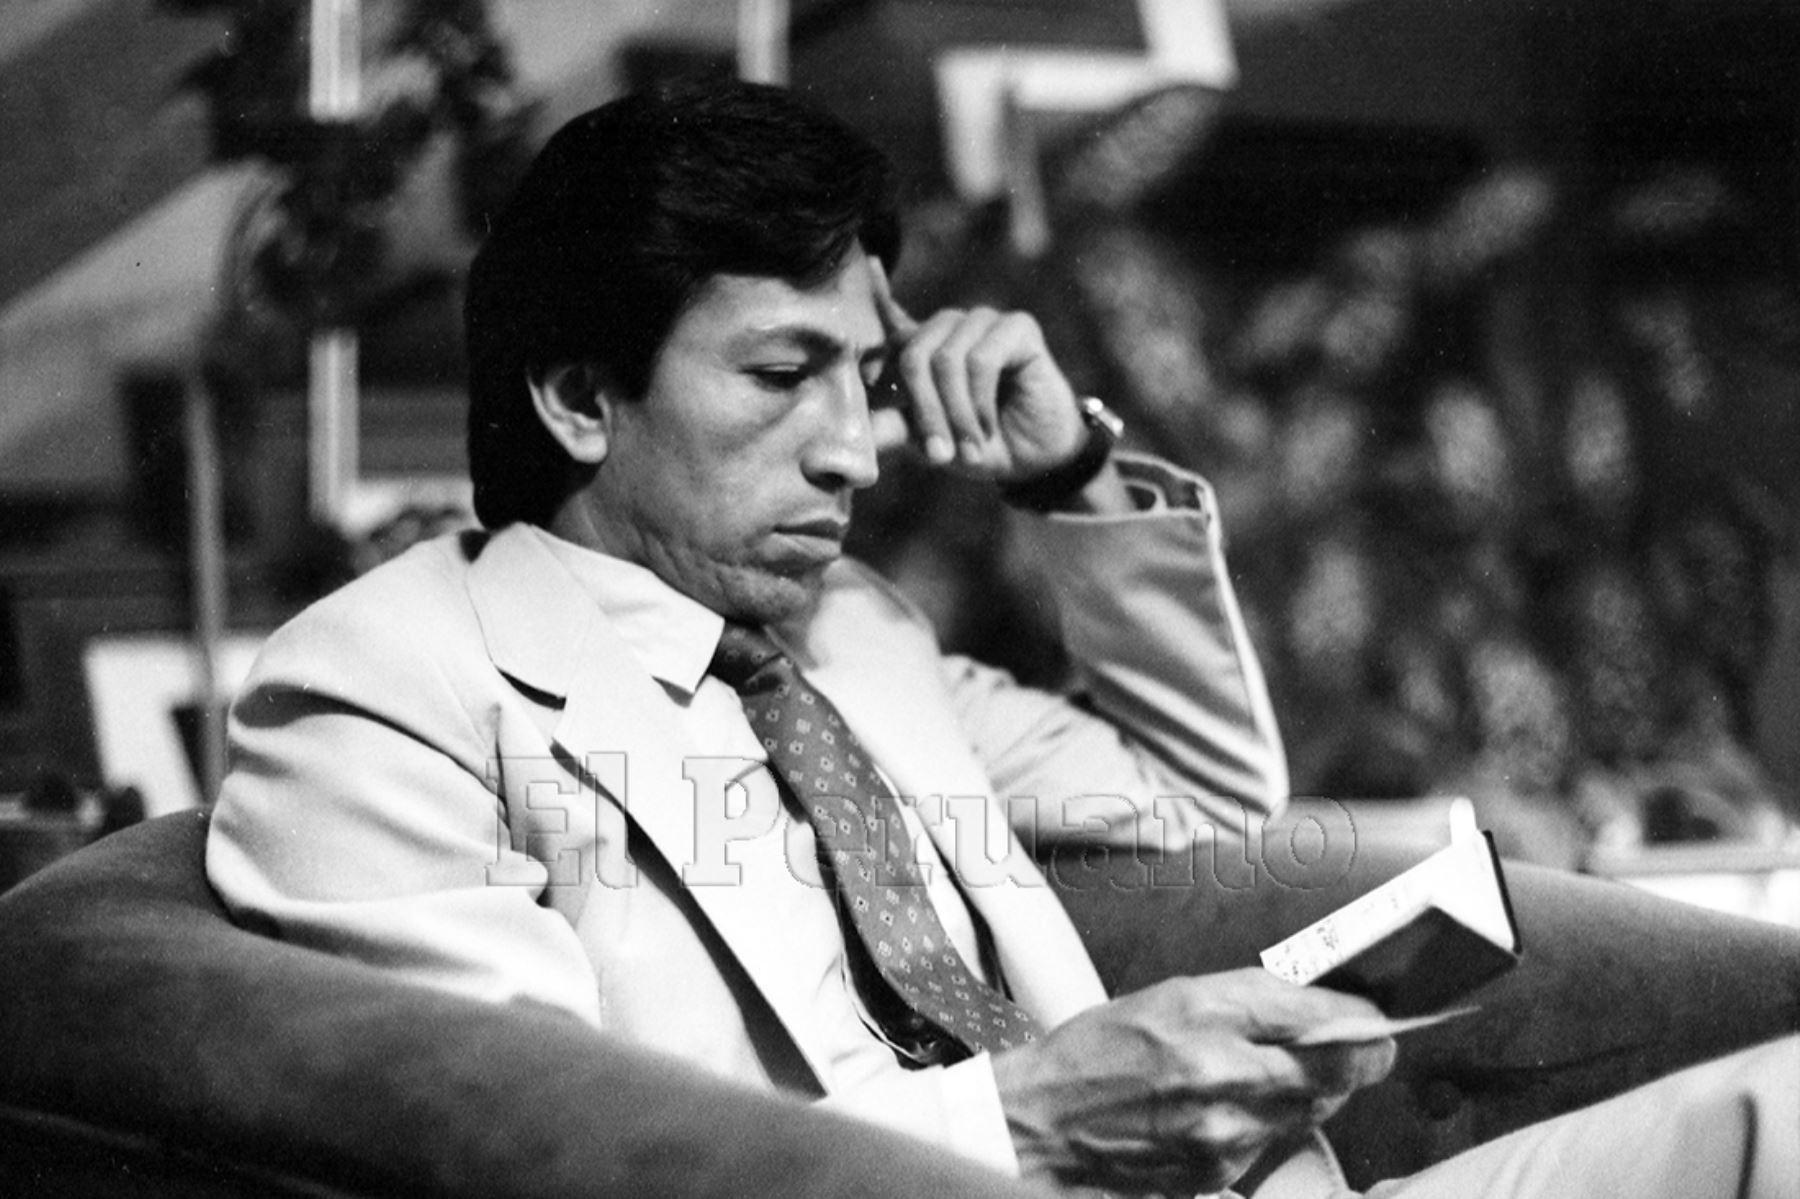 Lima - 14 marzo 1984 / Entrevista al economista Alejandro Toledo Manrique.  Foto: Archivo Histórico de EL PERUANO